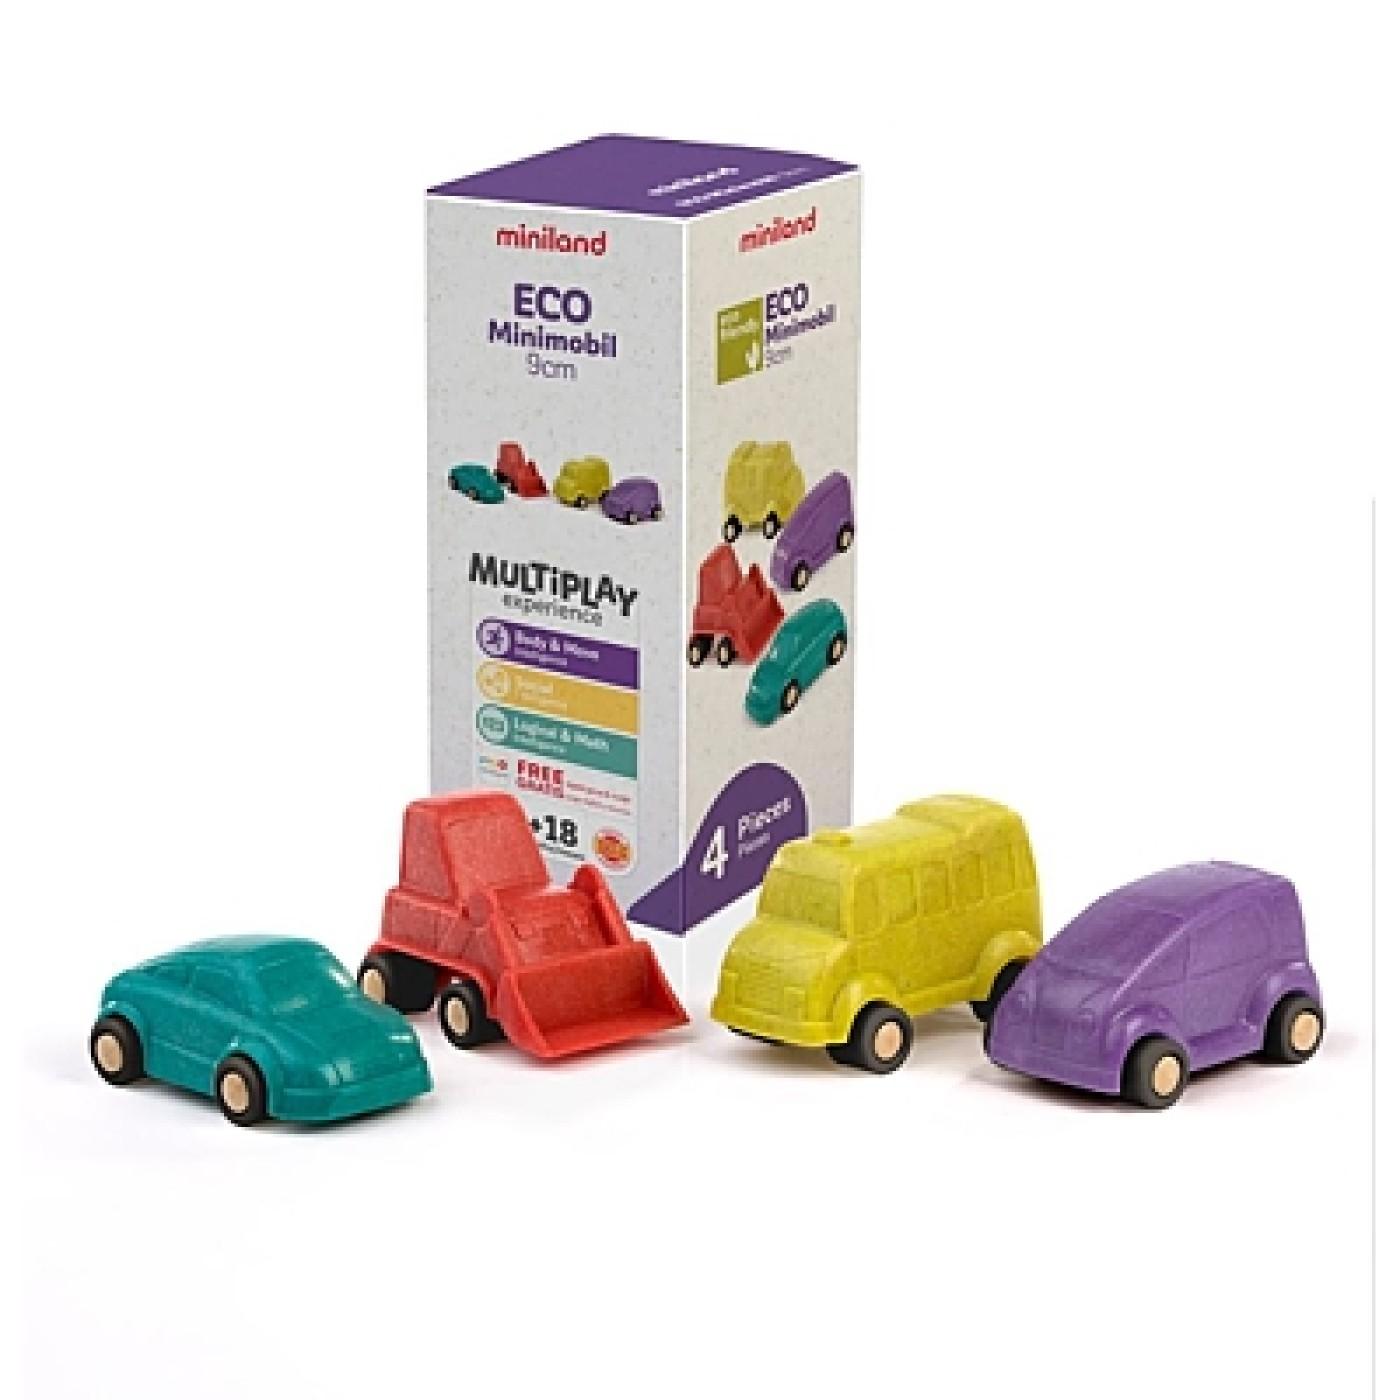 ECO Minimobil